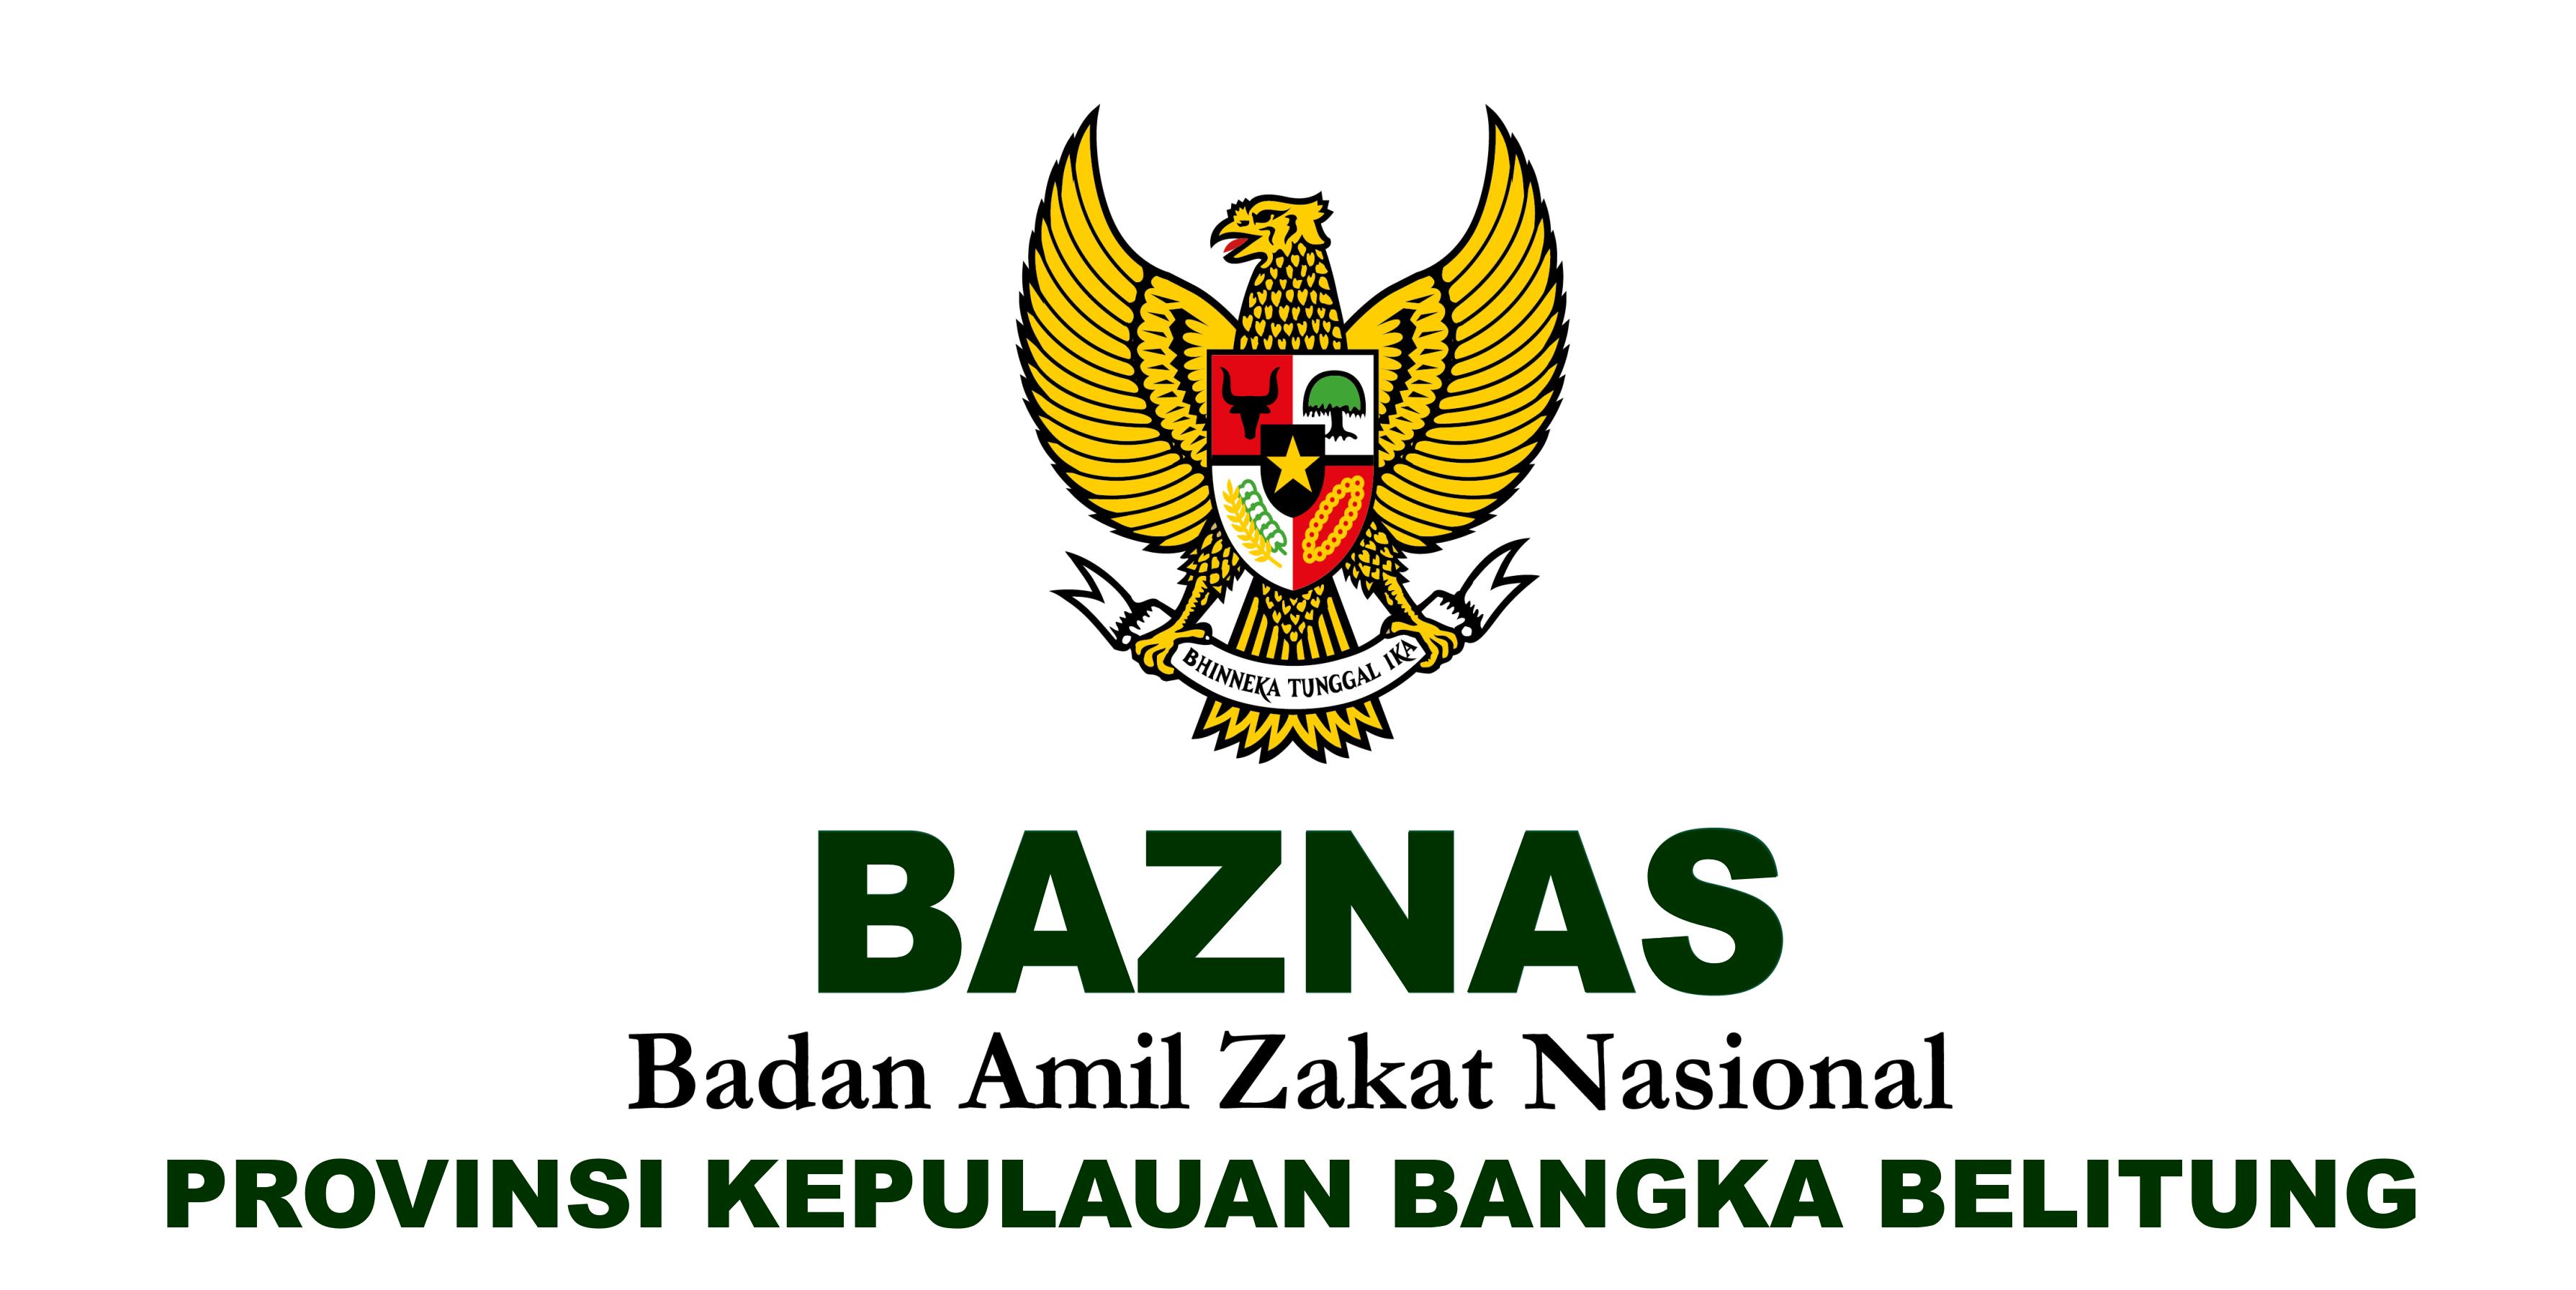 Badan Amil Zakat Nasional